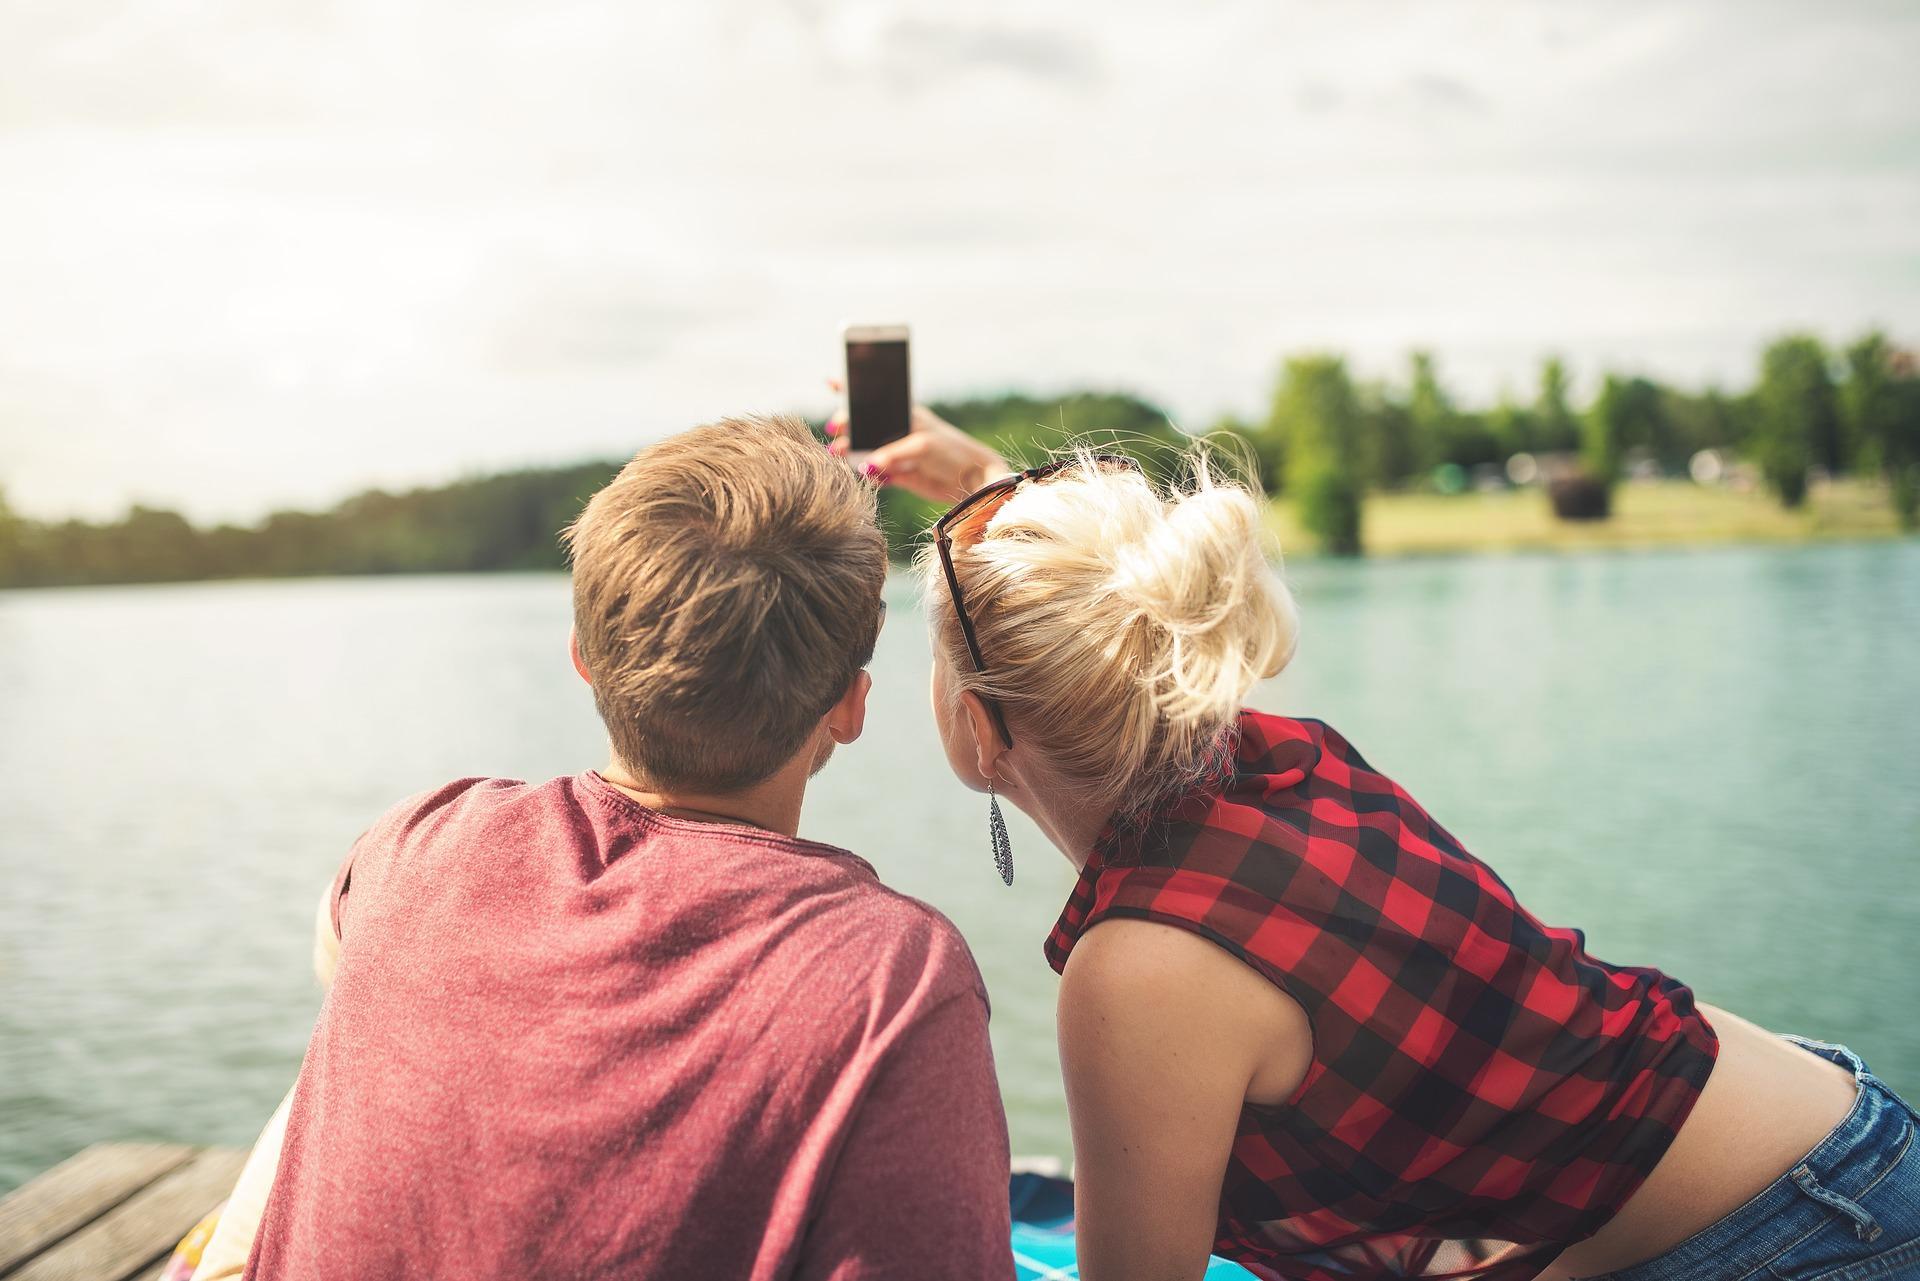 chi esce che nei giorni della nostra vita una guida irlandese per uscire con una ragazza americana